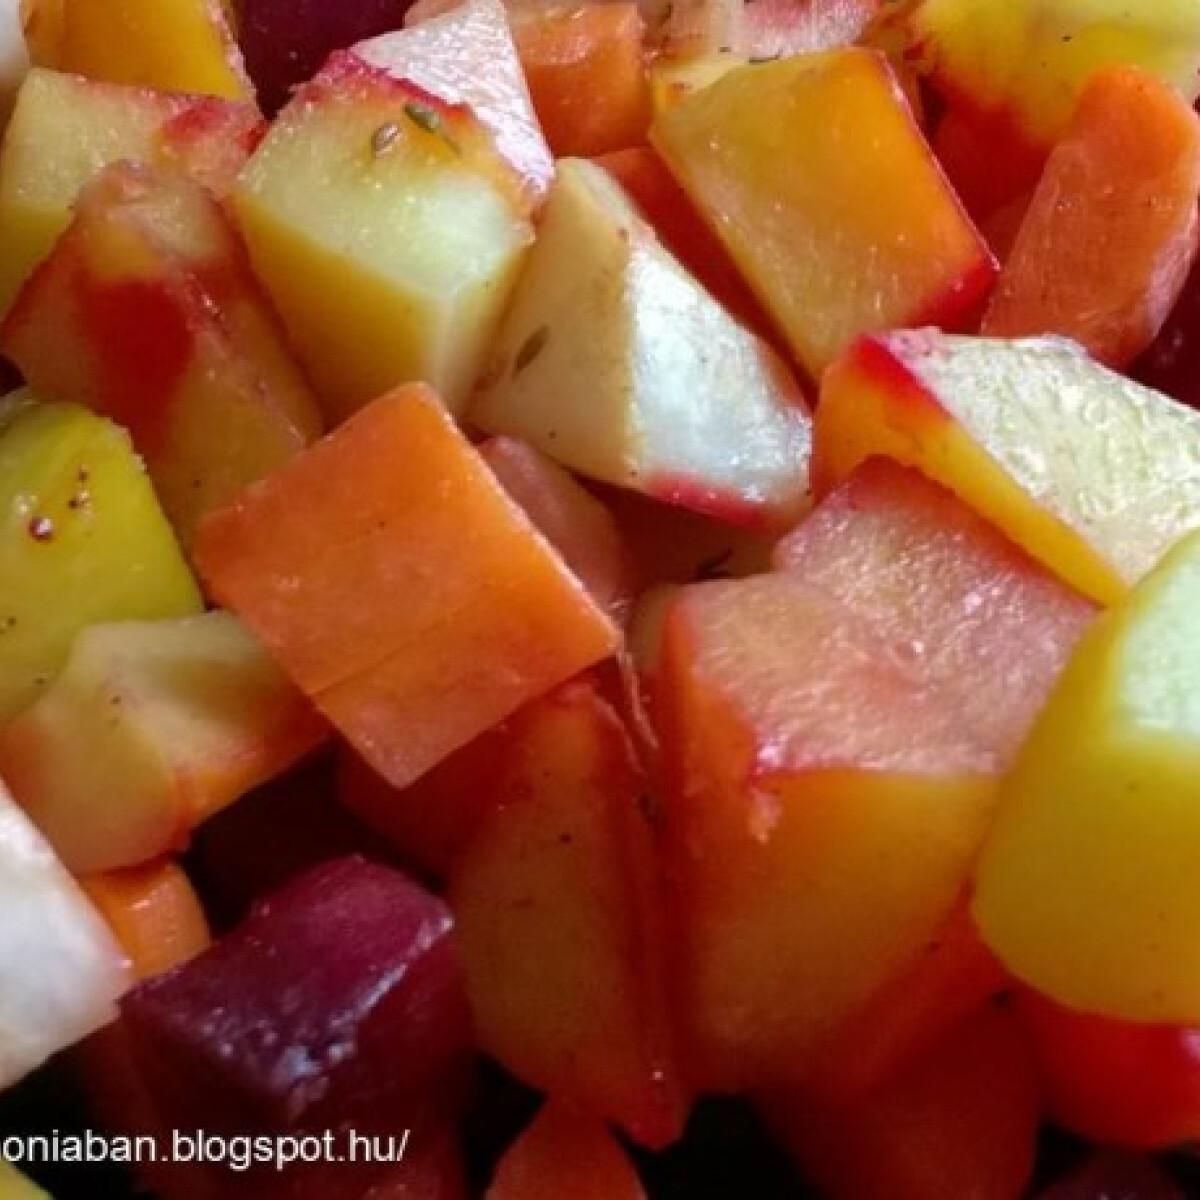 Ezen a képen: Sütőben sült tepsis zöldségek